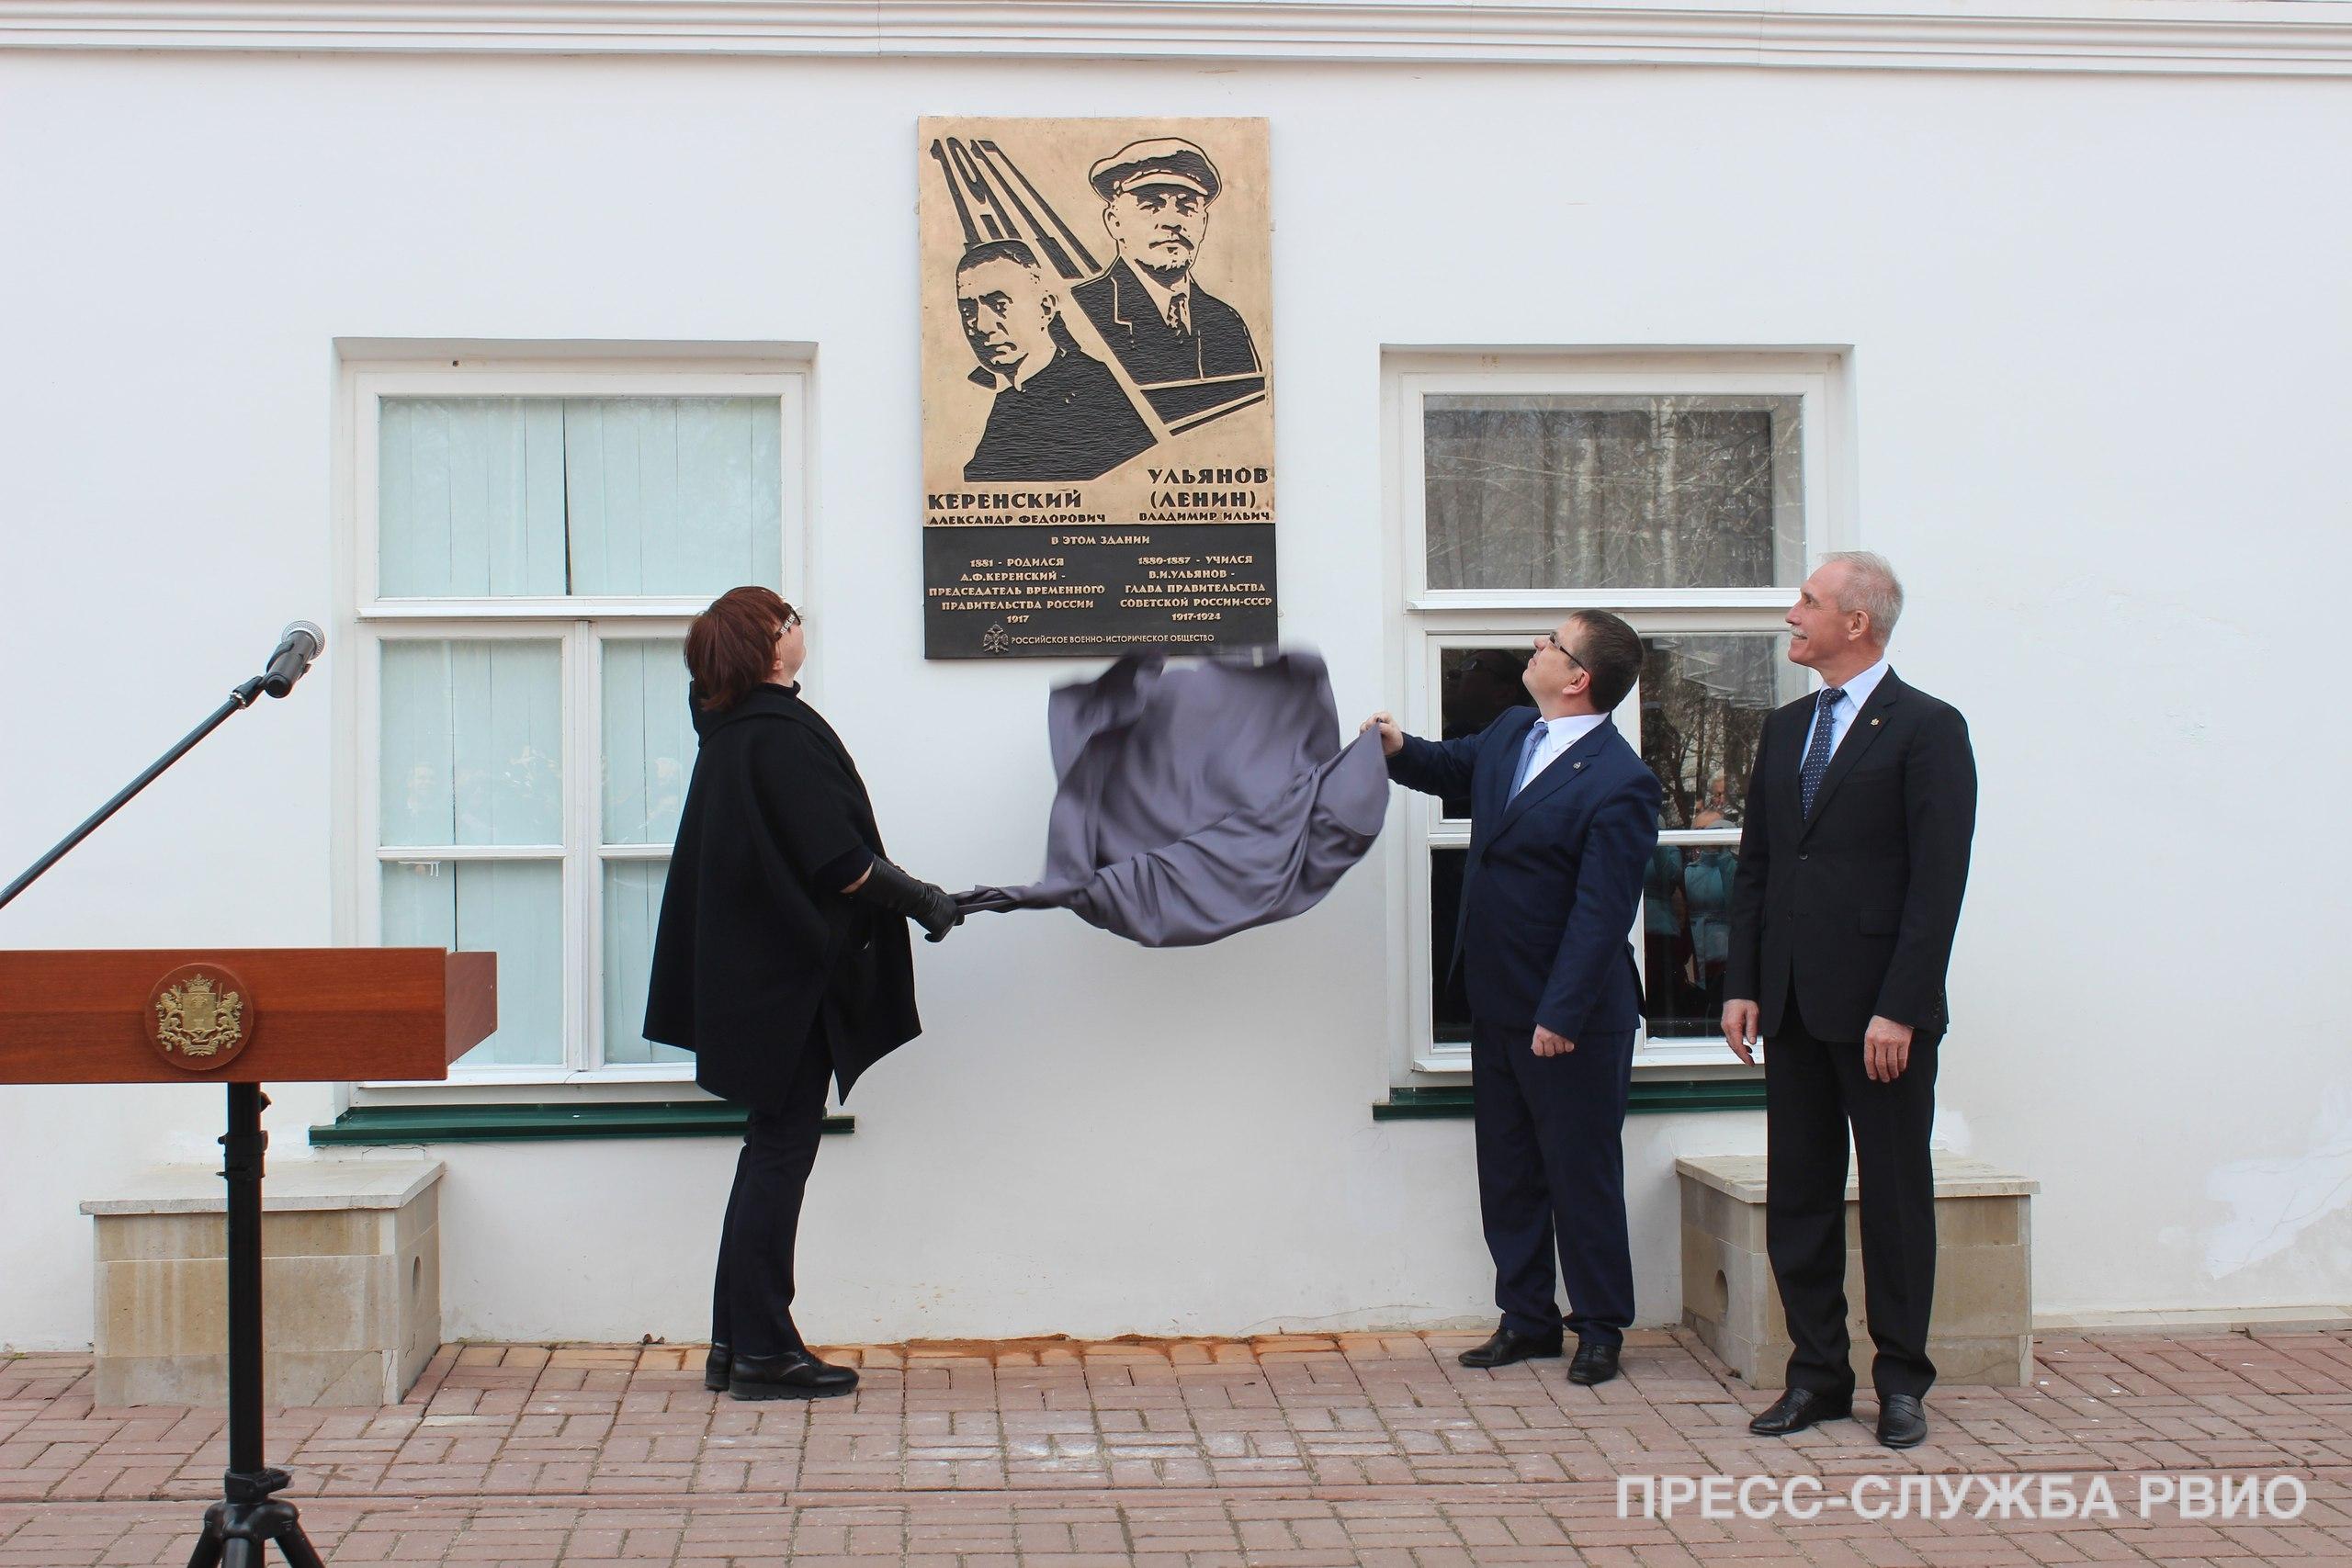 В Ульяновске открыта памятная доска в честь Александра Керенского и Владимира Ульянова (Ленина)